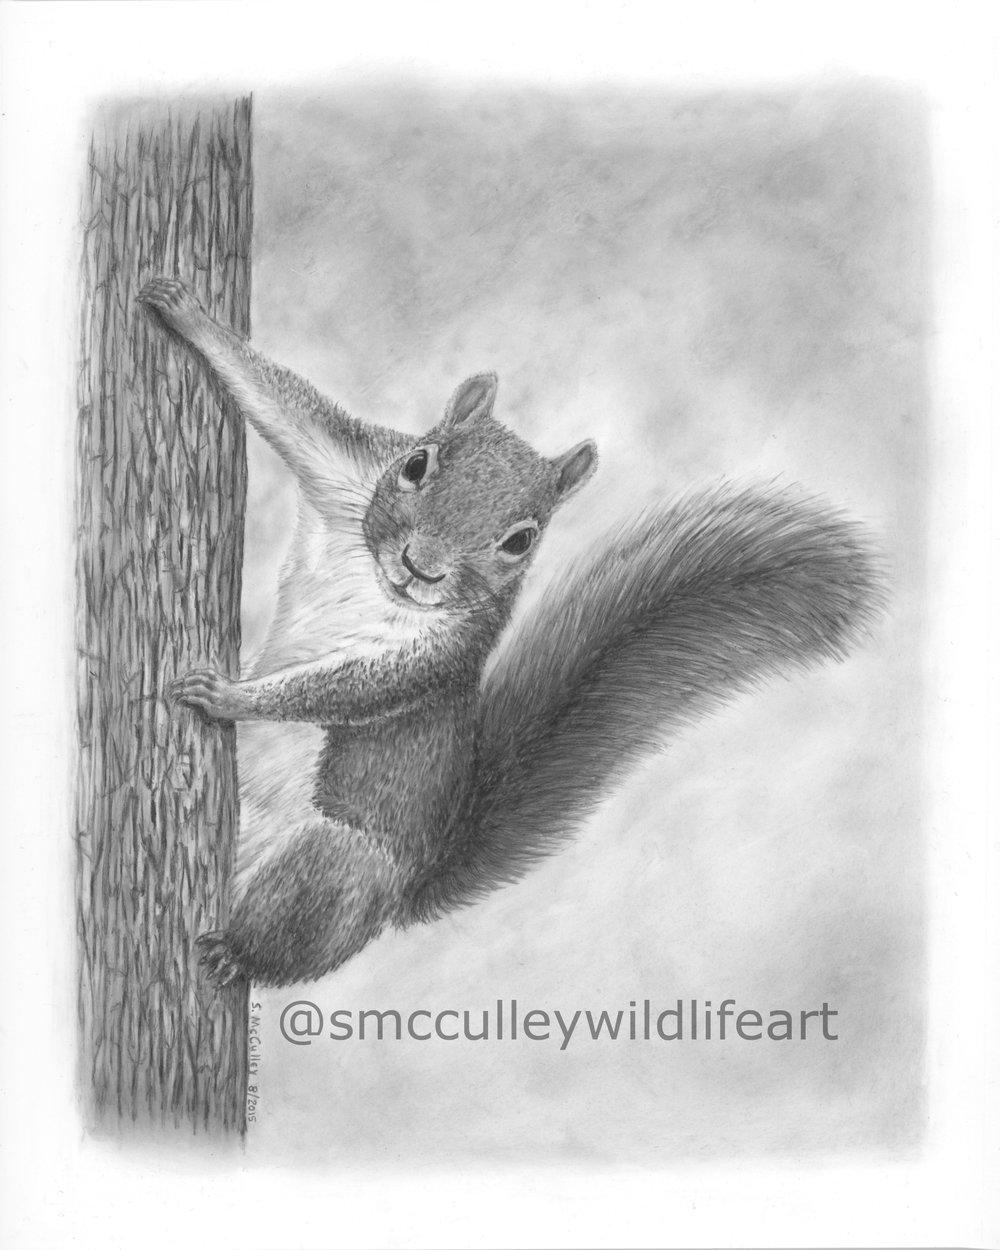 Squirrel (commission)